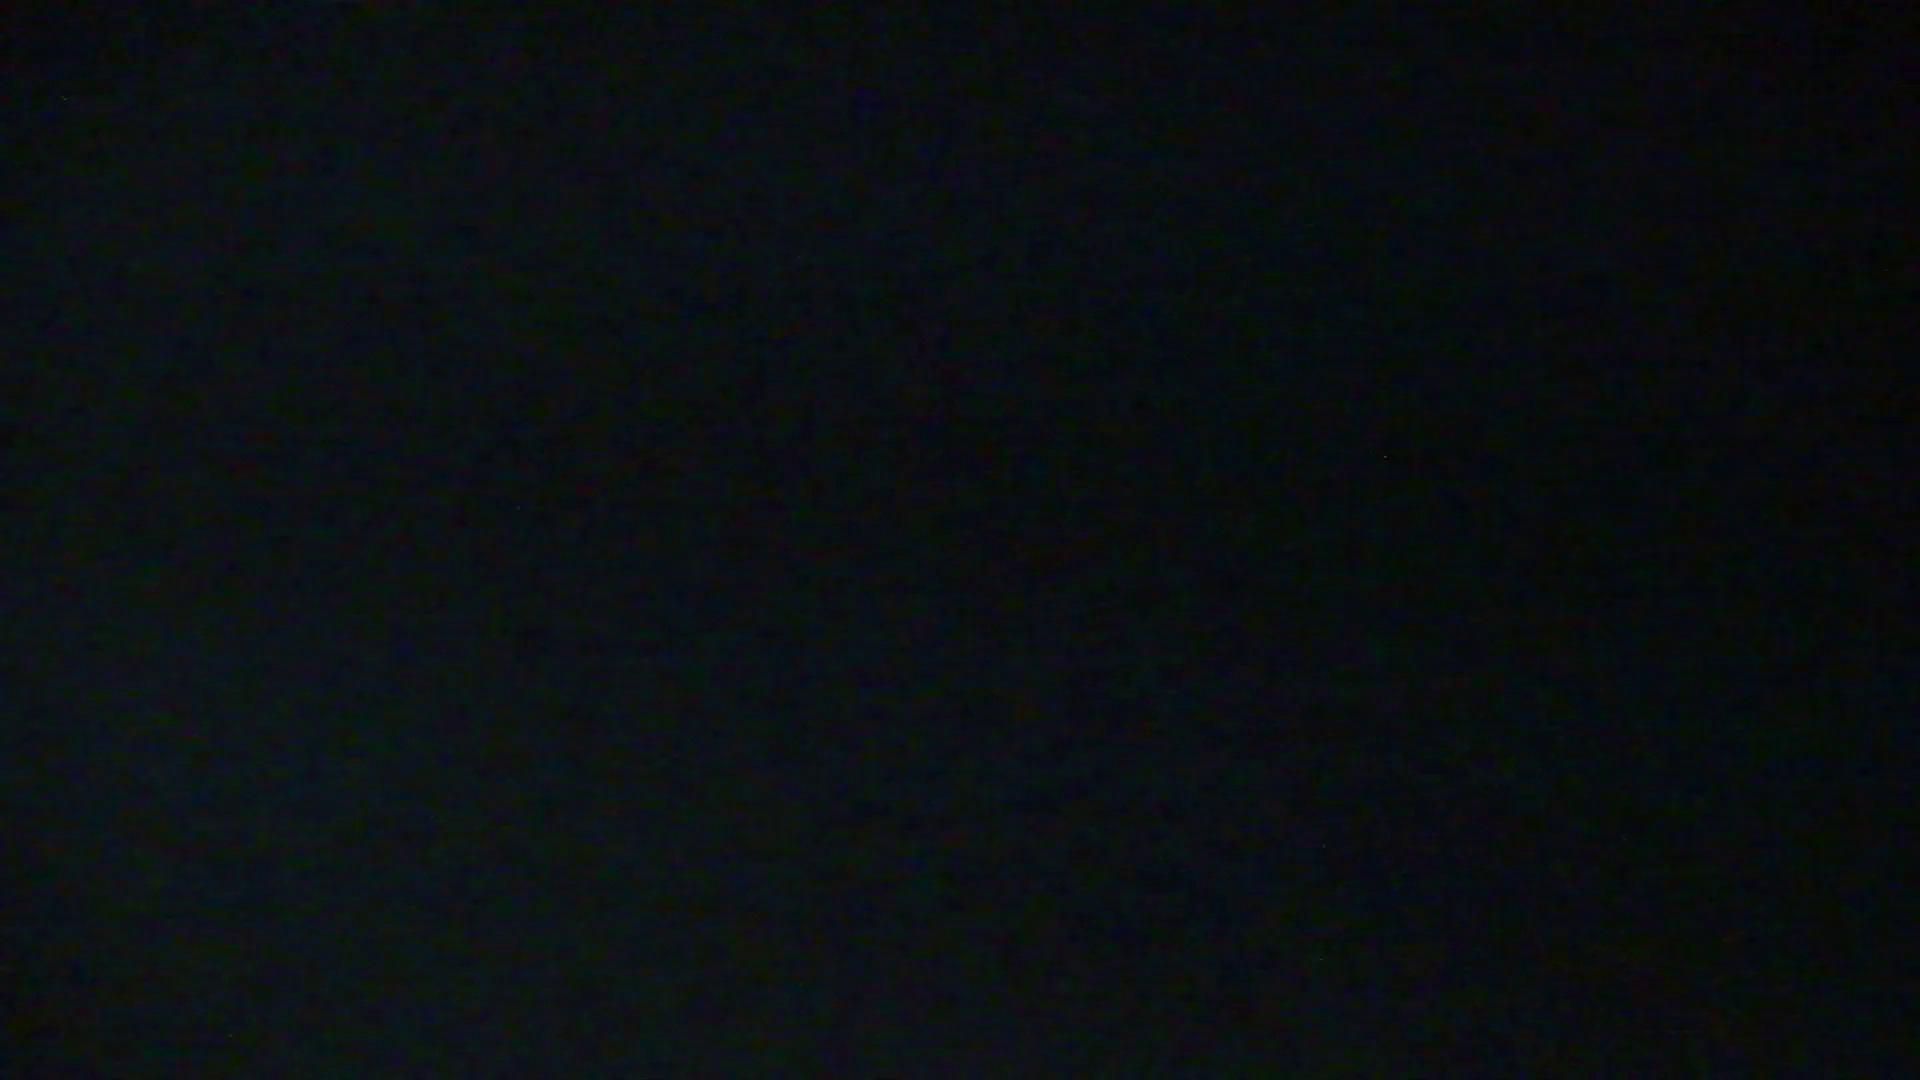 ギャルのツルピカ潜入盗撮!Vol.07 OLのボディ 盗撮動画紹介 104PIX 45